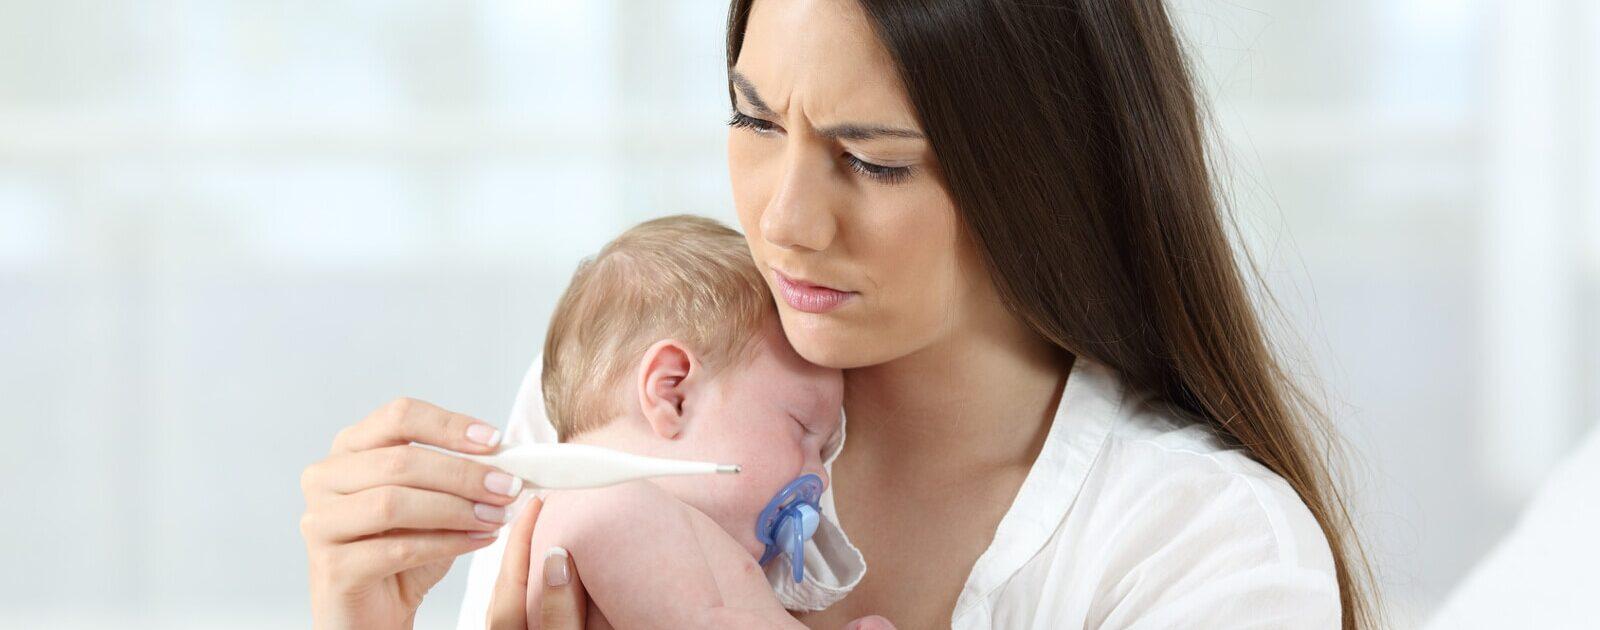 Dreitagefieber: Eine besorgte Mutter misst das Fieber ihres Babys.